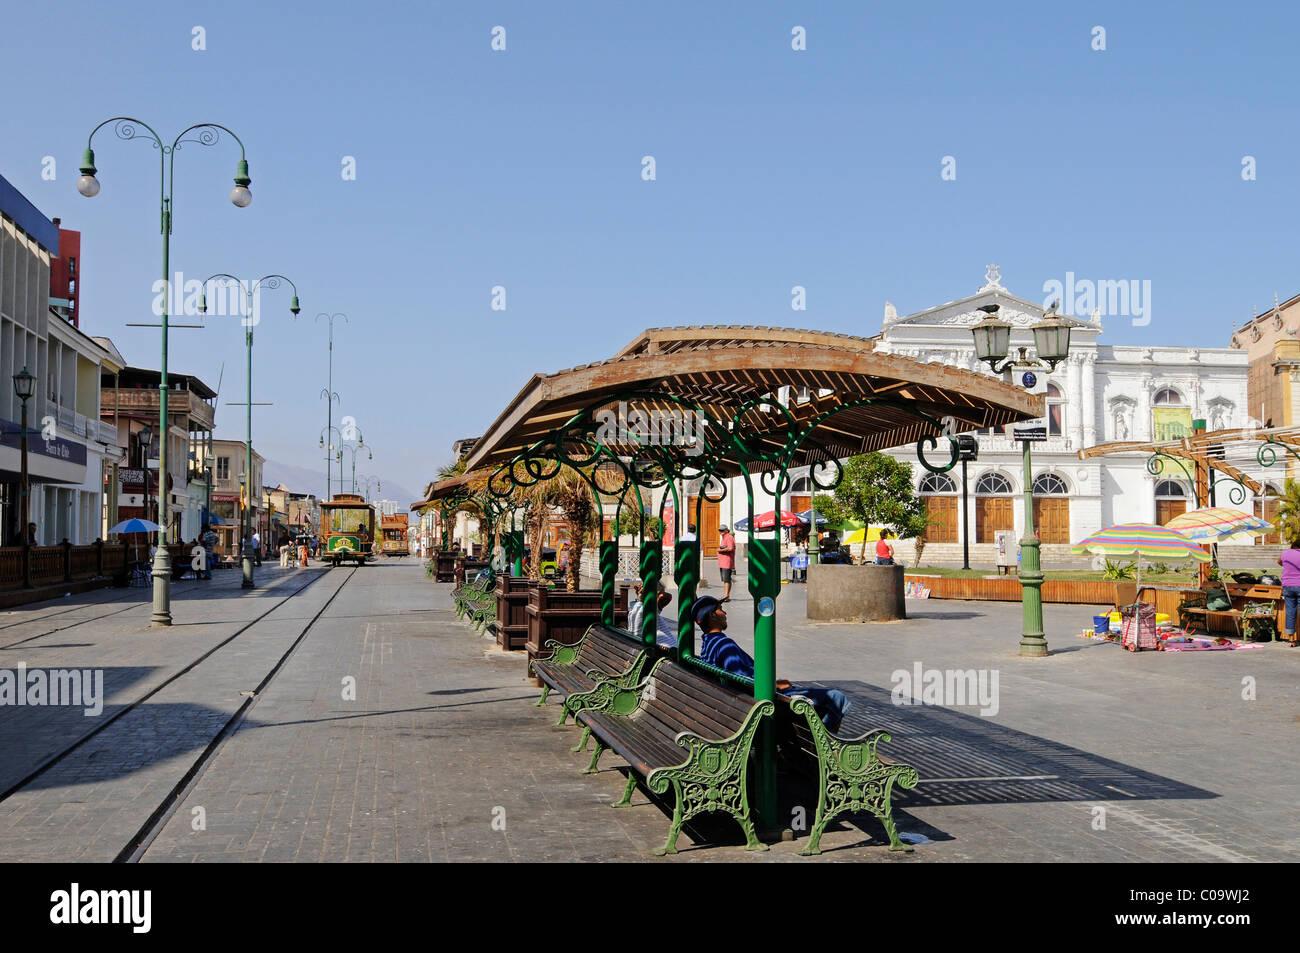 Covered benches, Plaza Arturo Prat square, Avenue Baquedano, historic buildings, street, pedestrian area, Iquique, - Stock Image